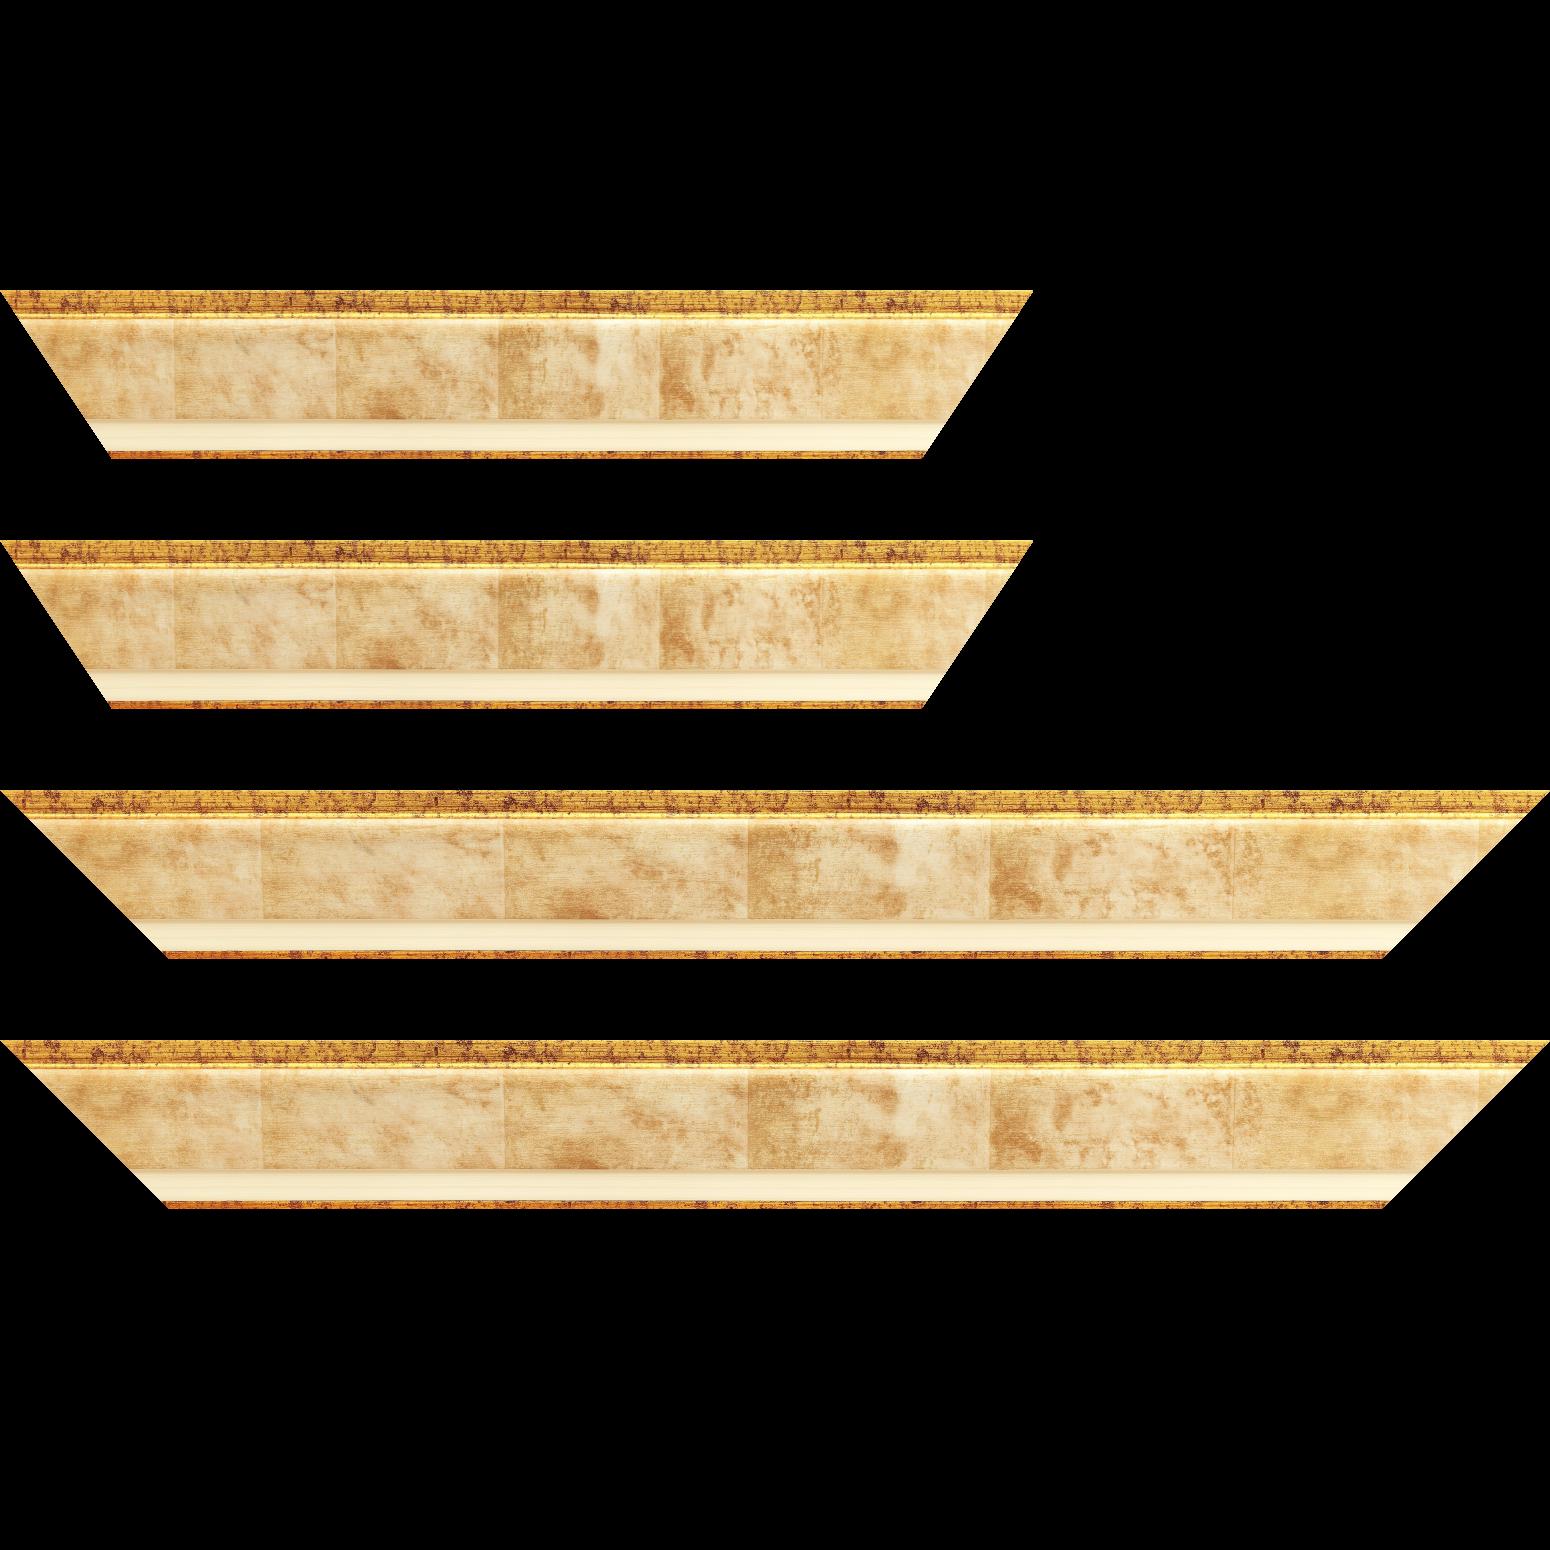 Baguette service précoupé bois profil incliné largeur 5.4cm couleur crème marie louise crème filet or intégrée